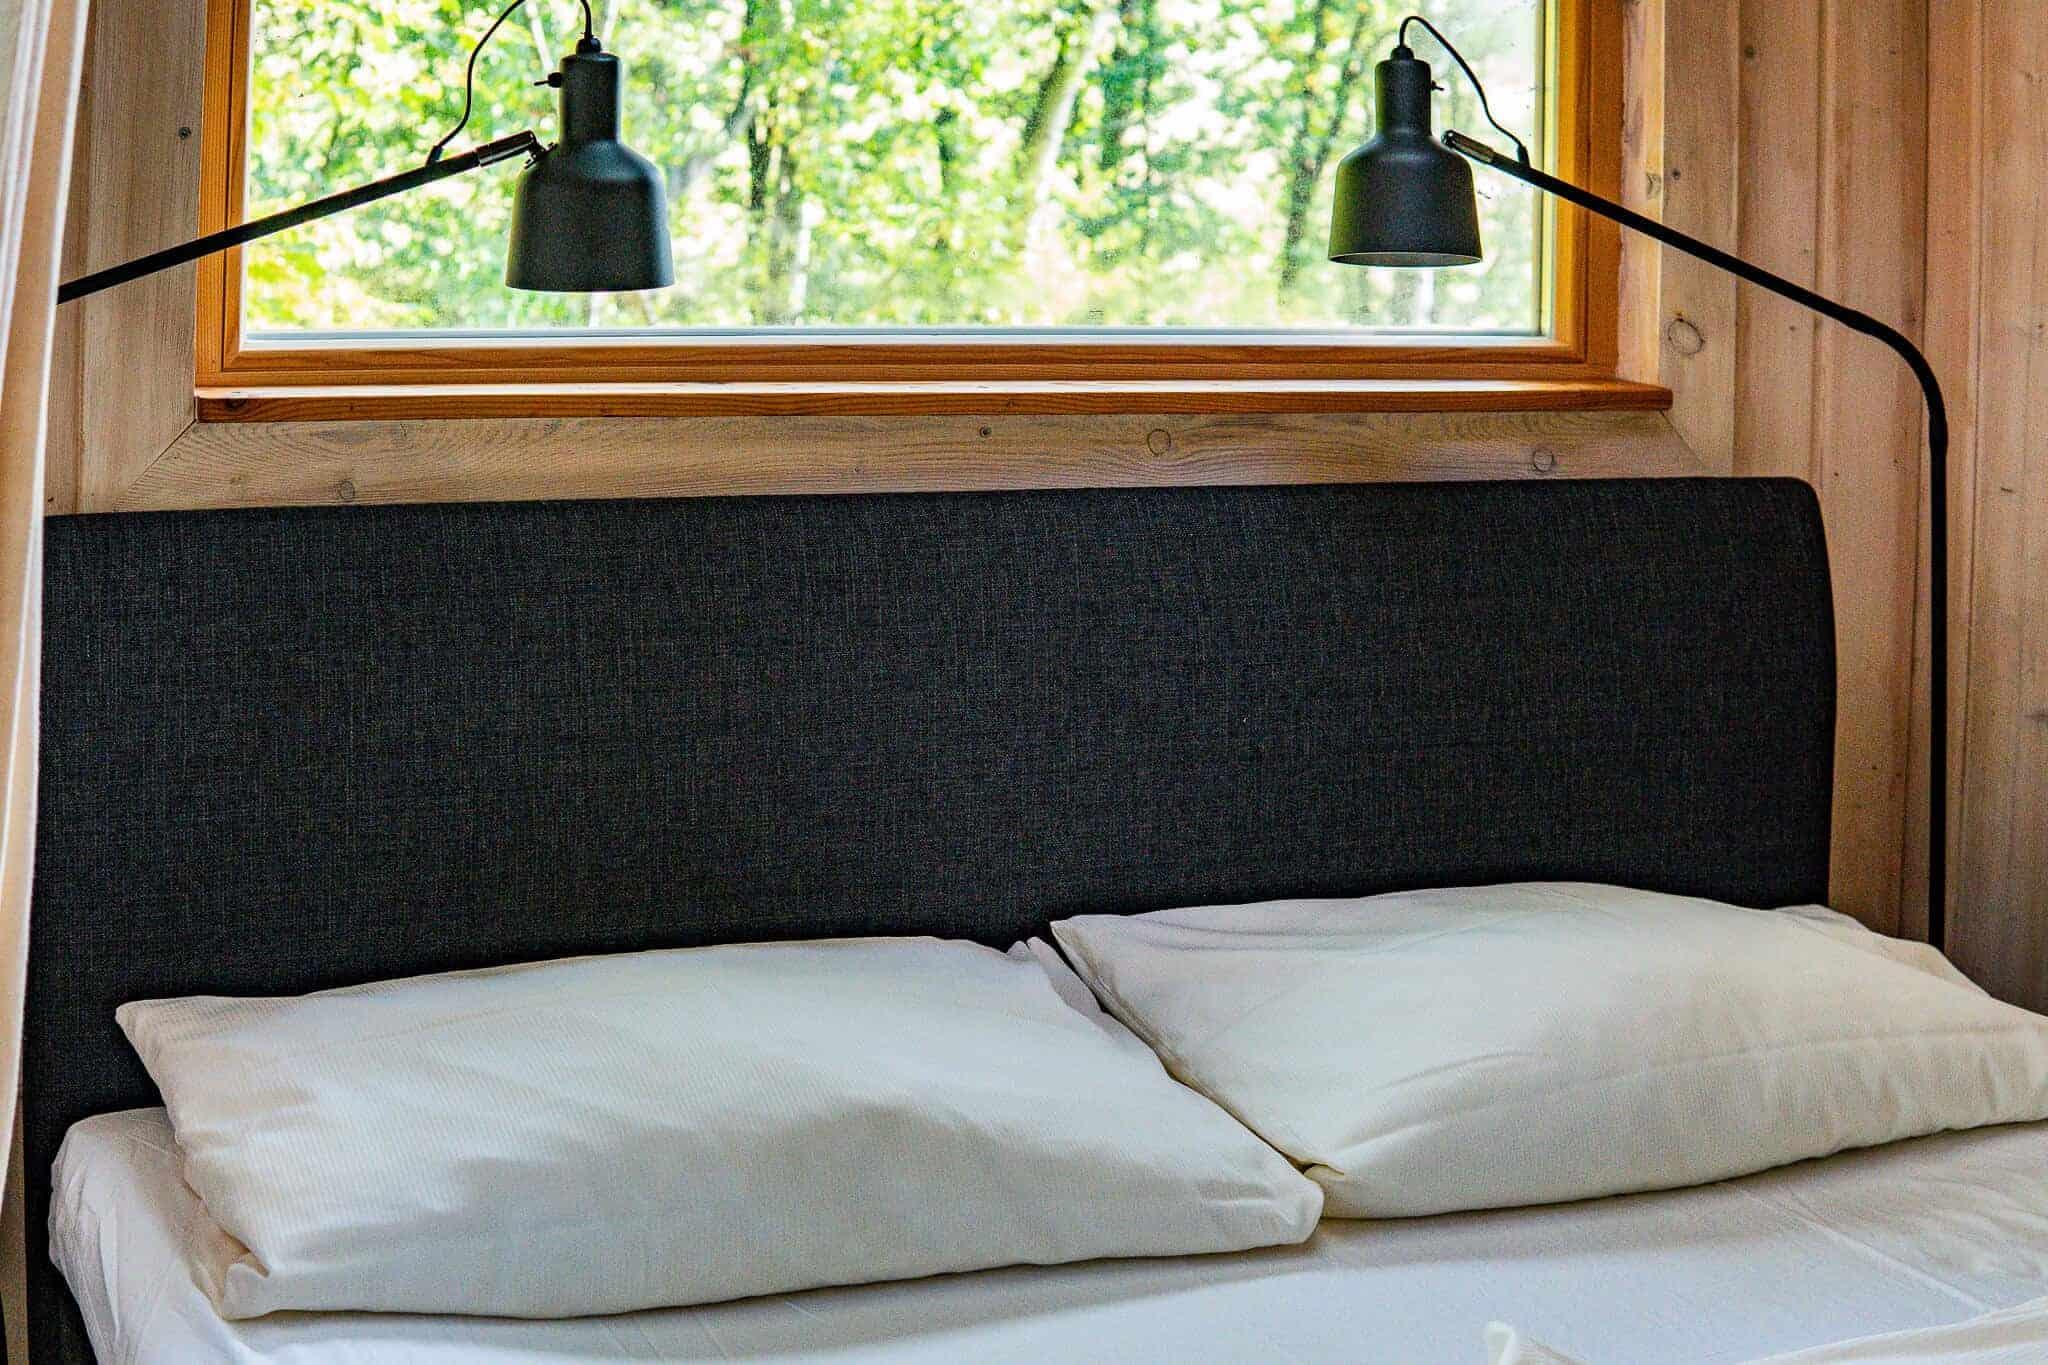 Bett im Baumhaushotel Wipfelglück